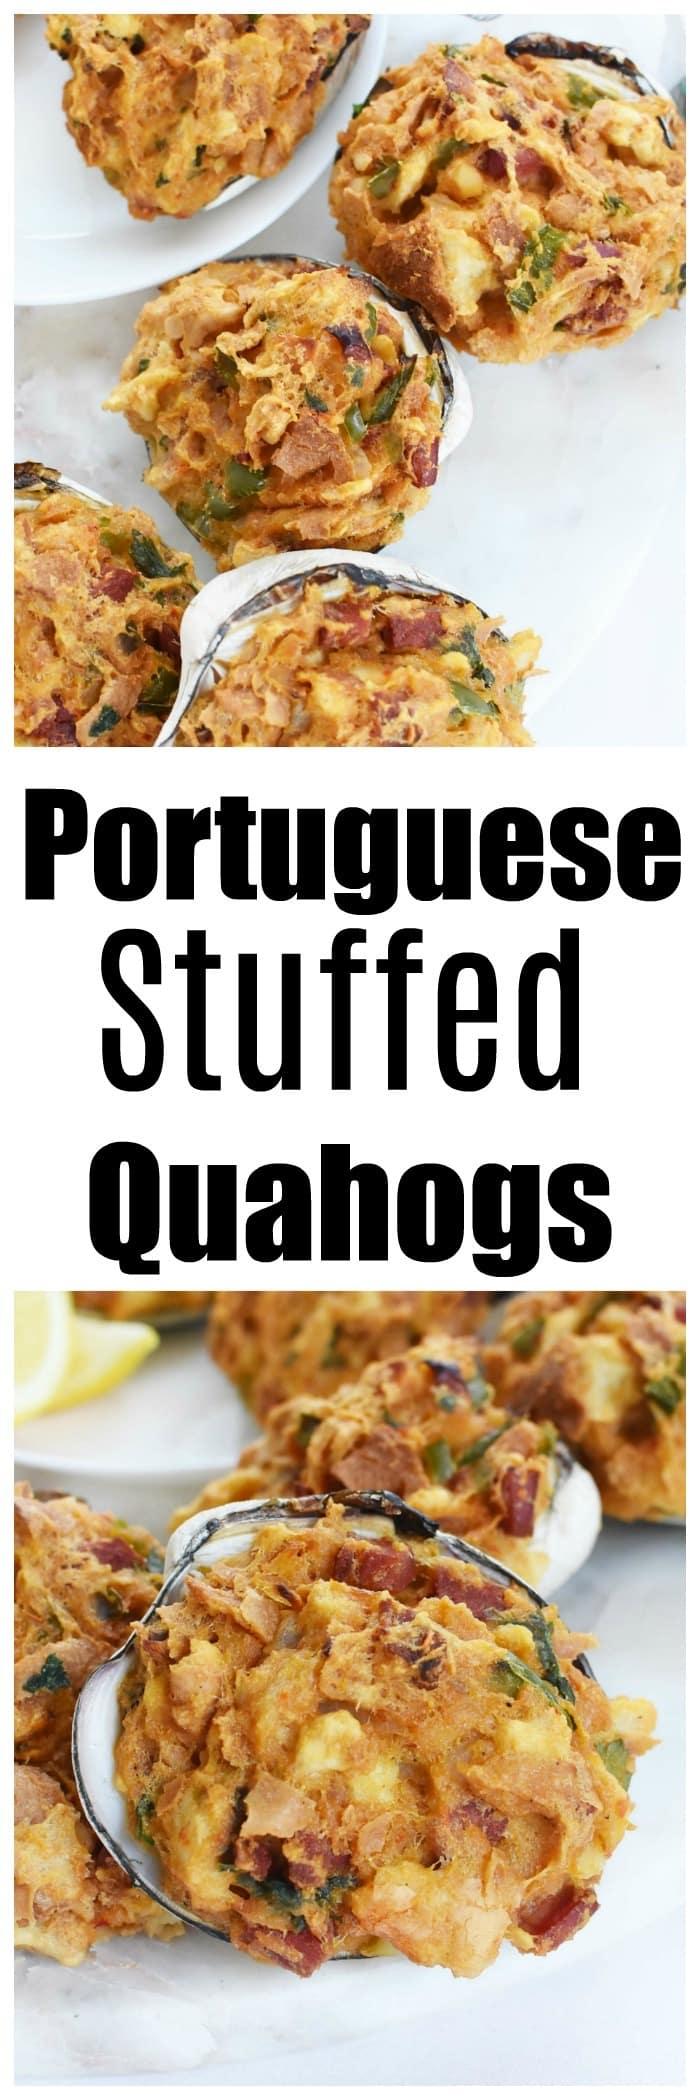 Portuguese Stuffed Quahogs